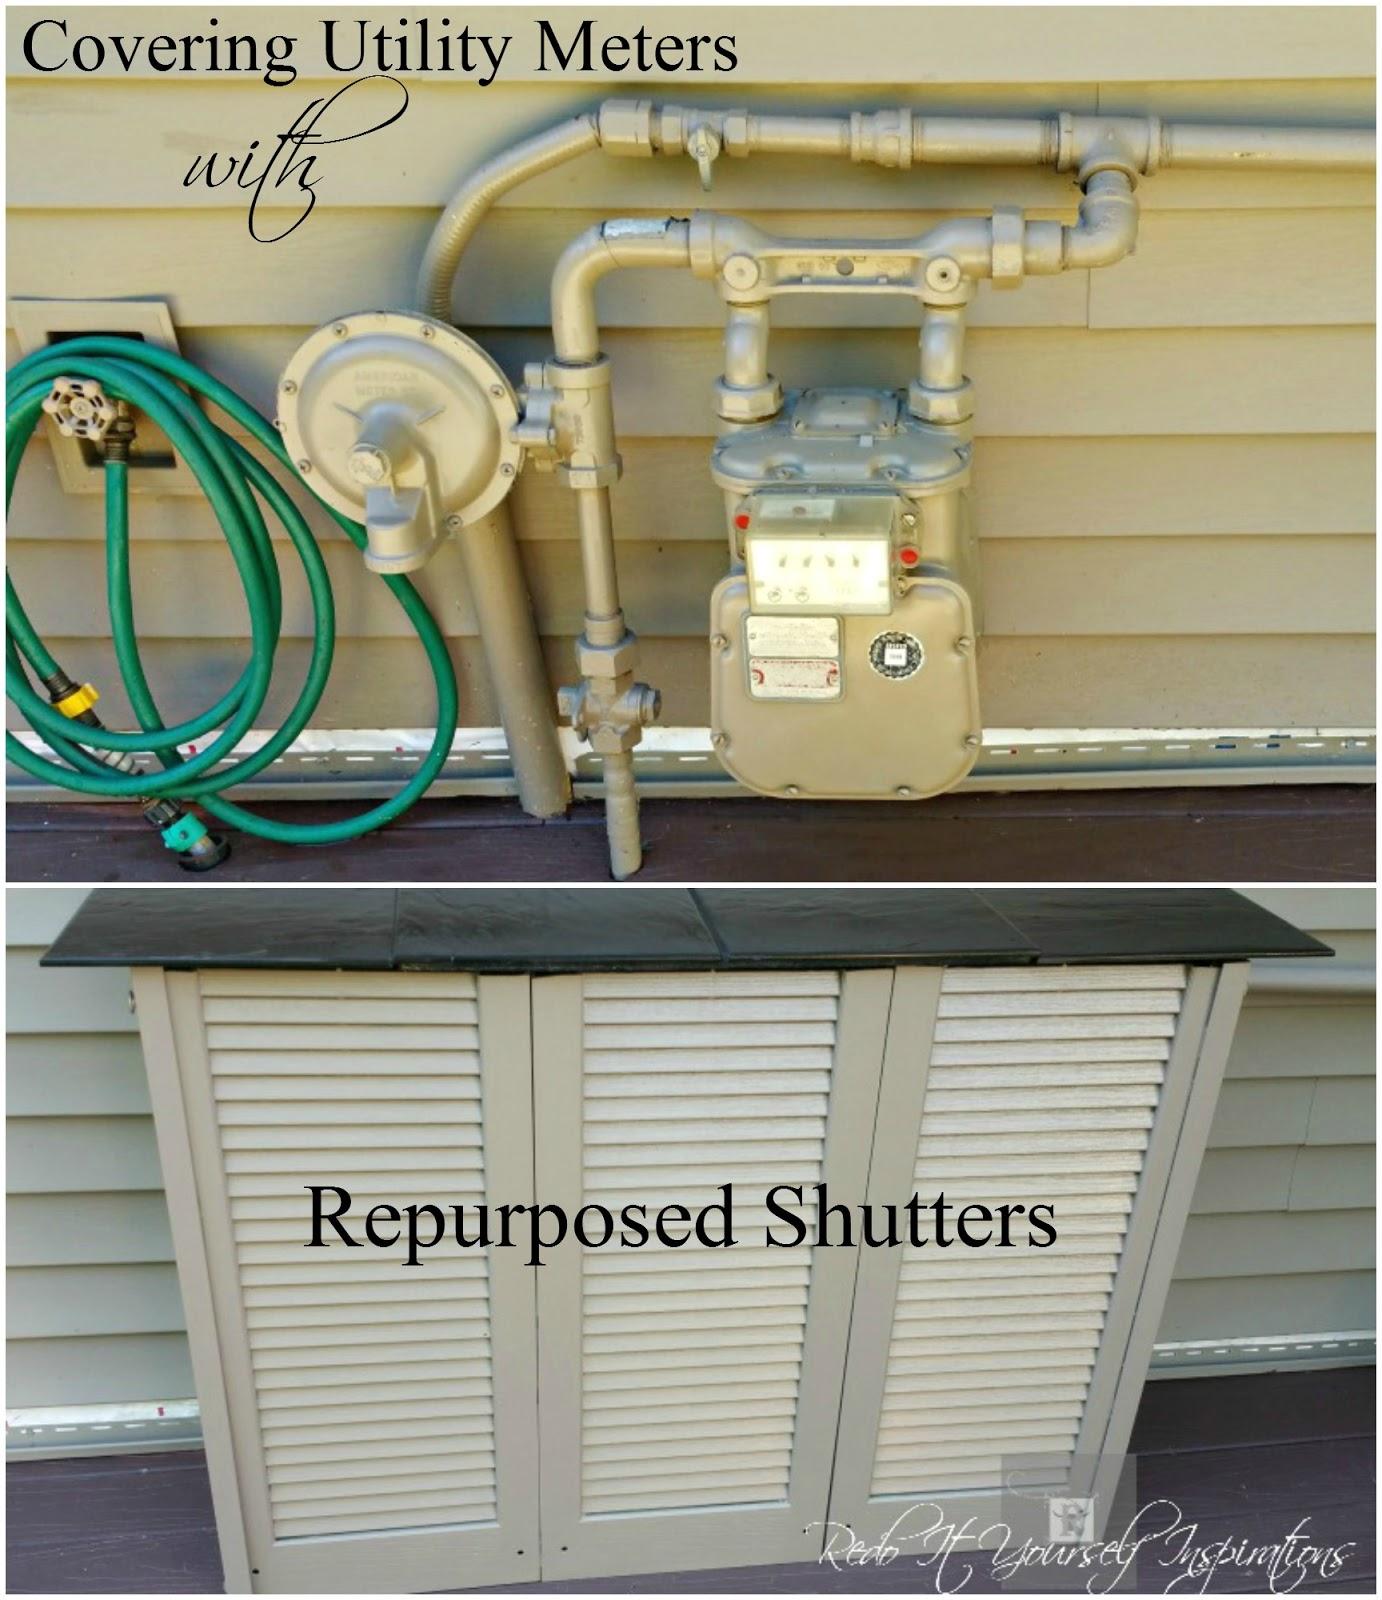 Diy Utility Meter Cover